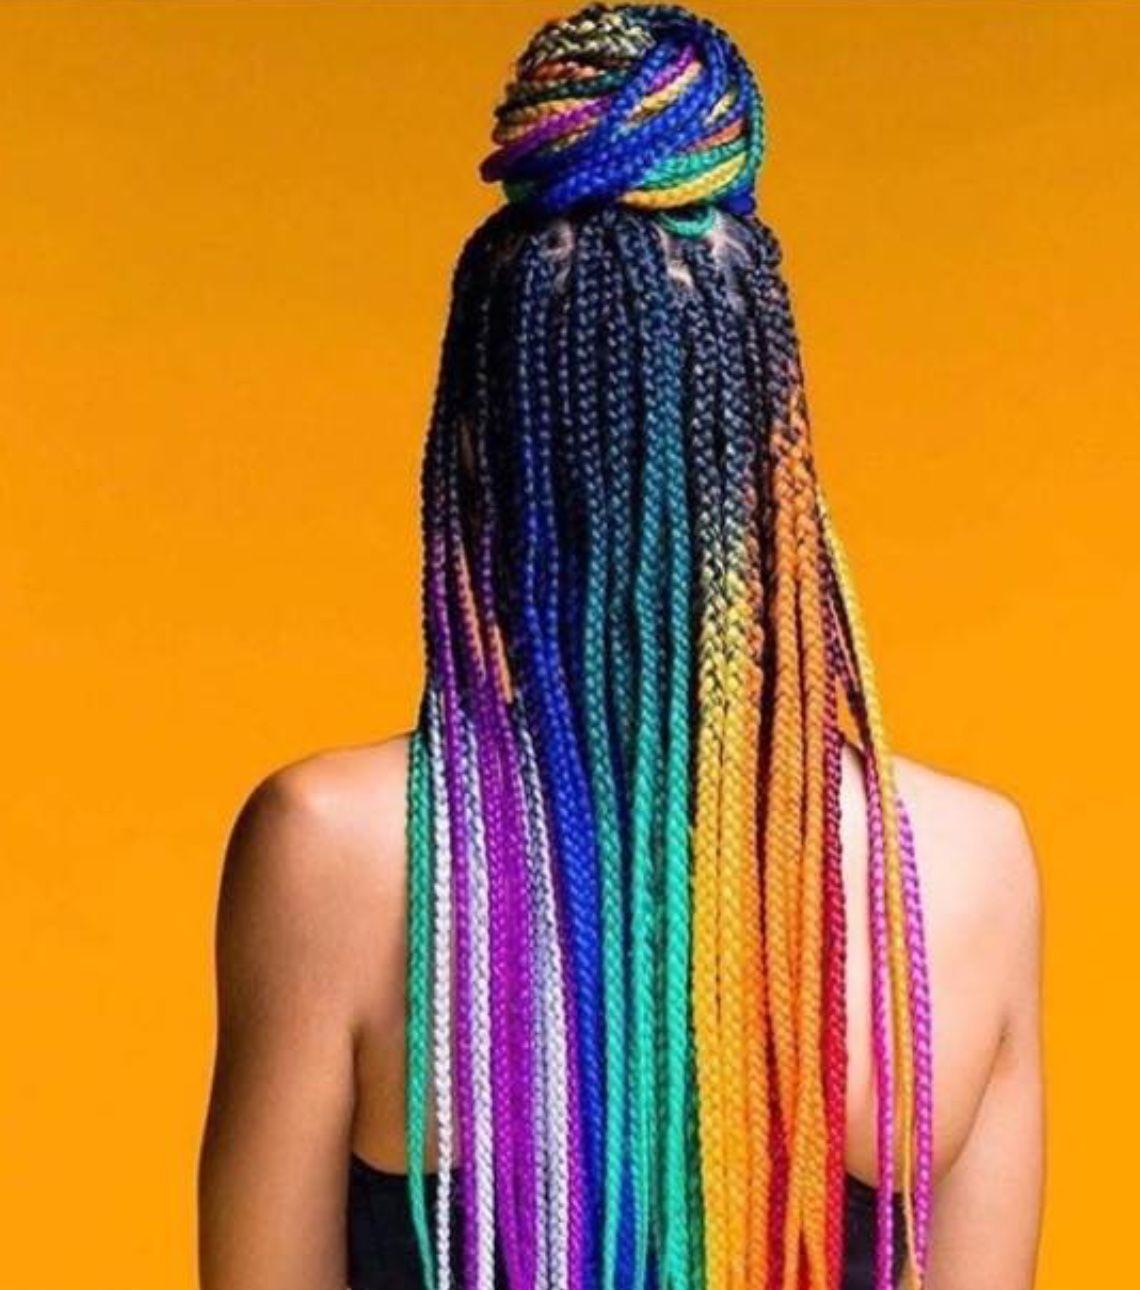 BEST Braided Hairstyles 2021 hairstyleforblackwomen.net 320